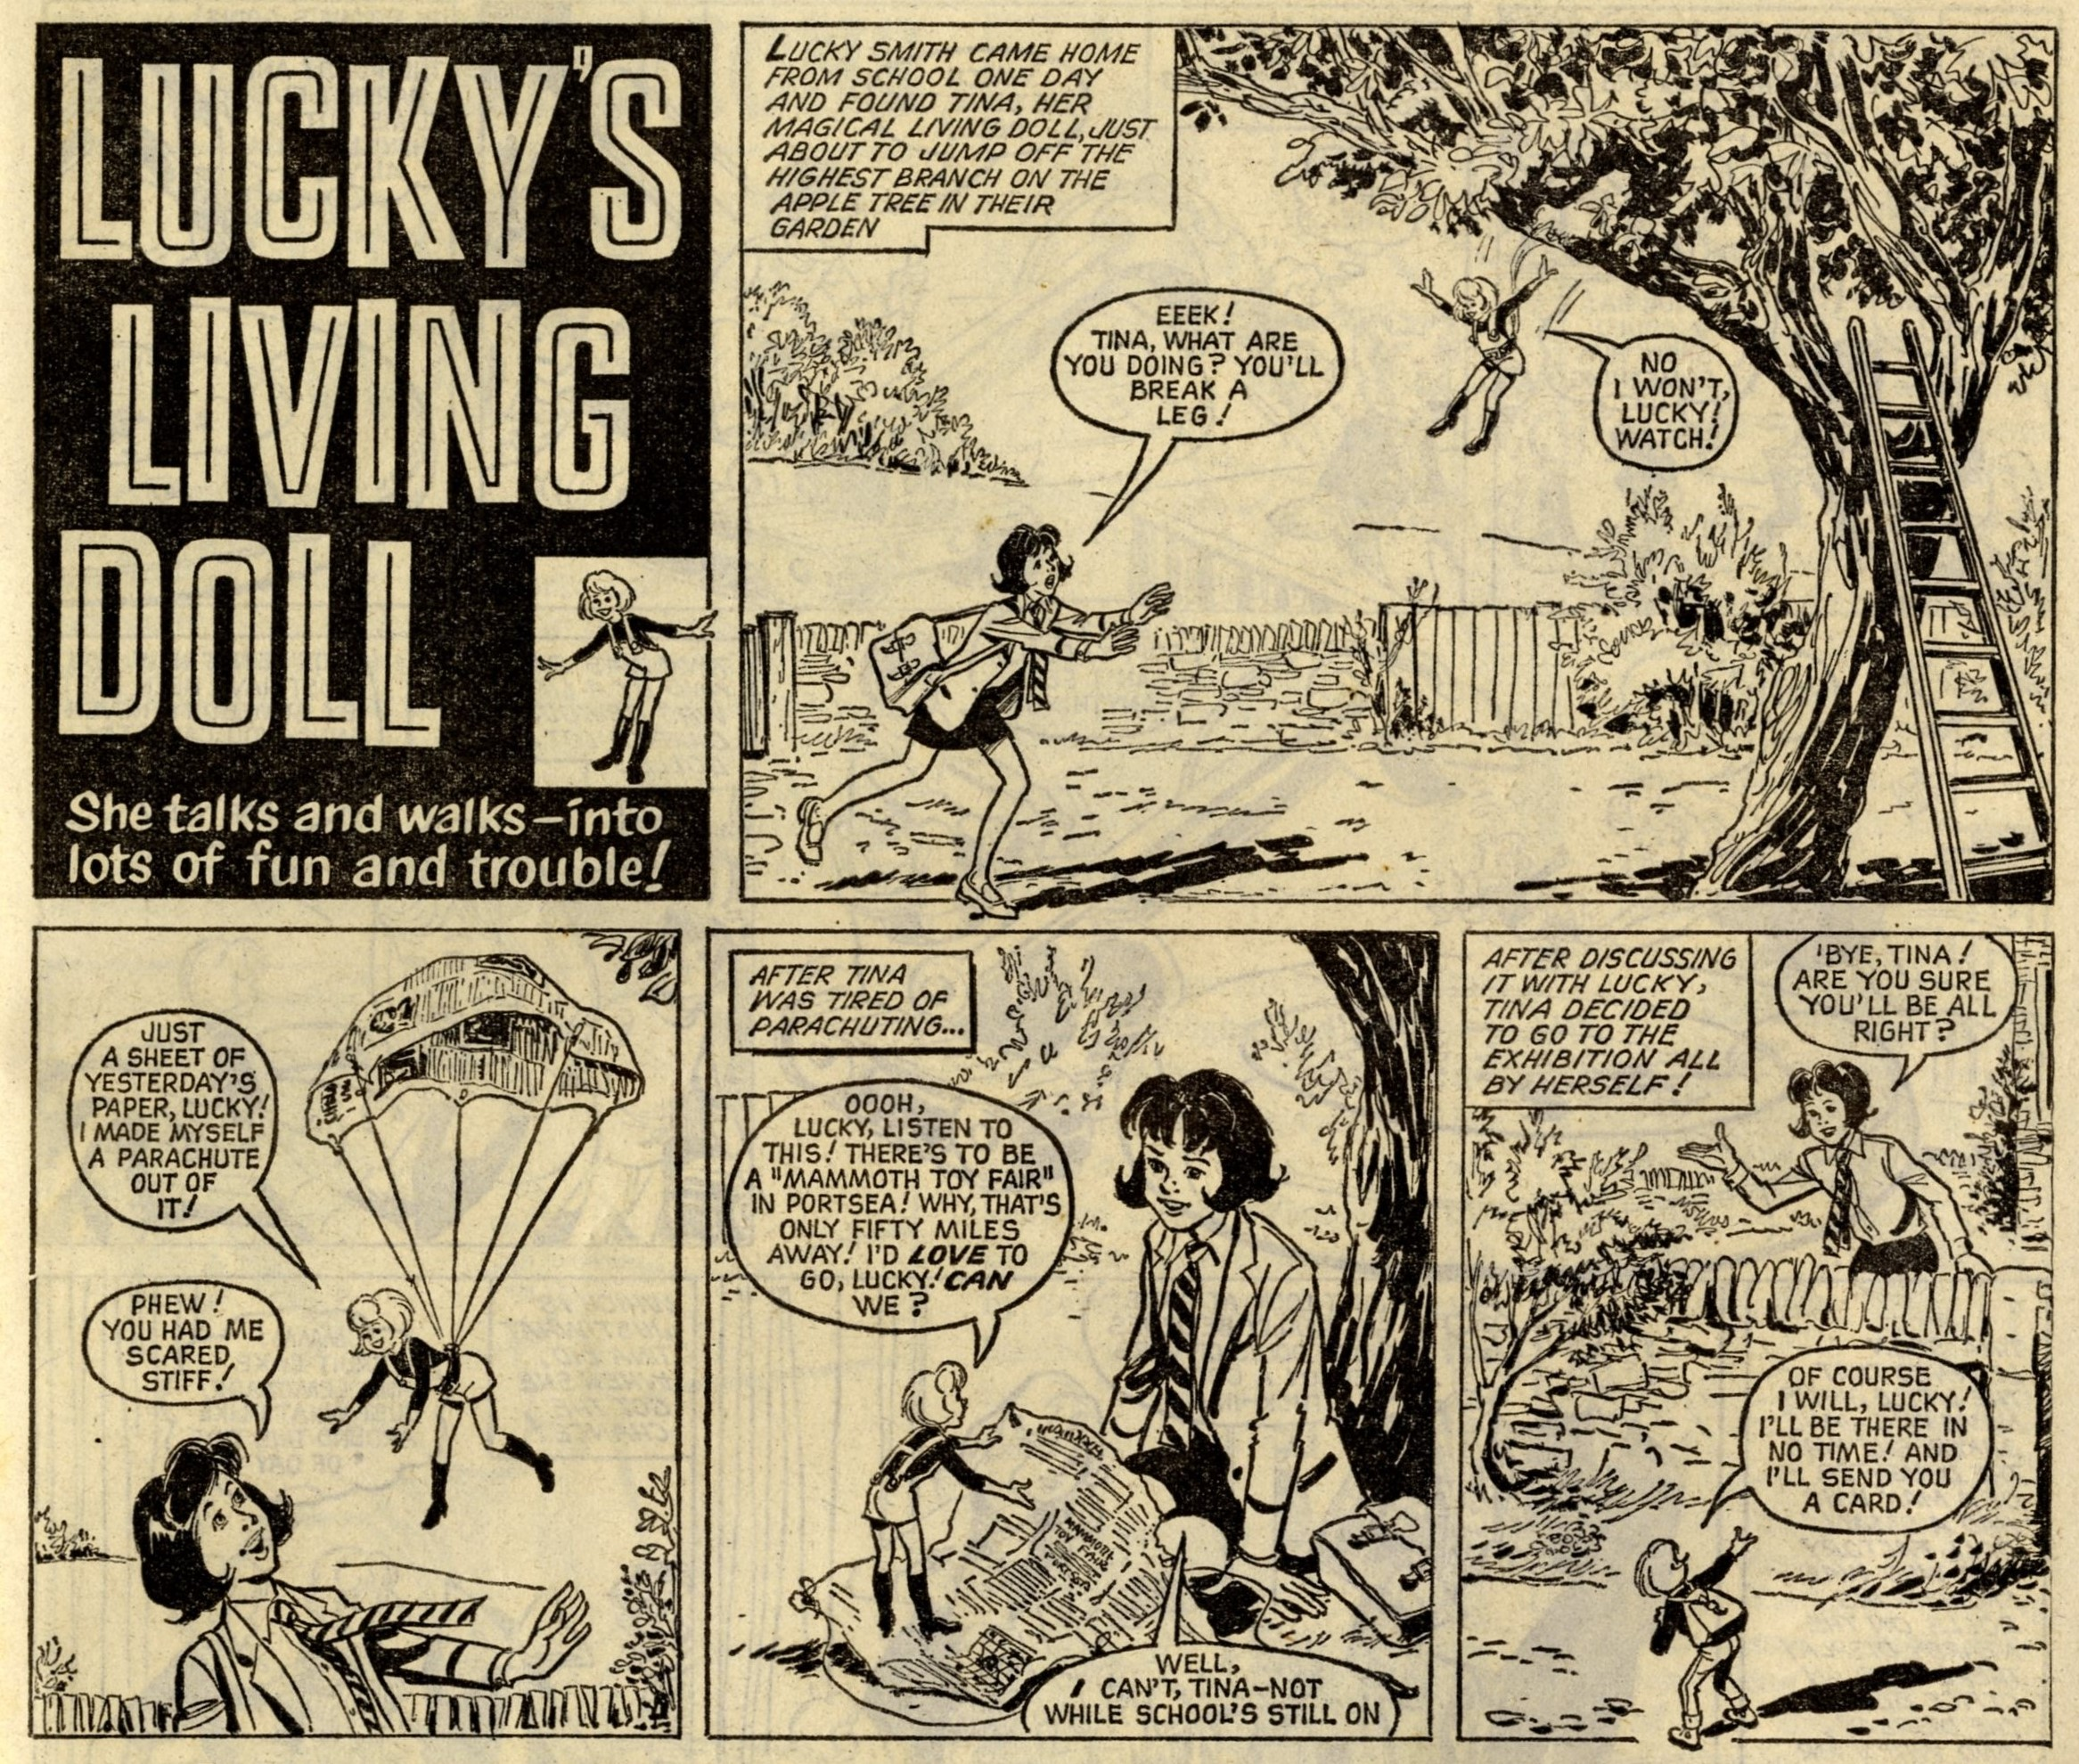 Lucky's Living Doll: Robert MacGillivray (artist)